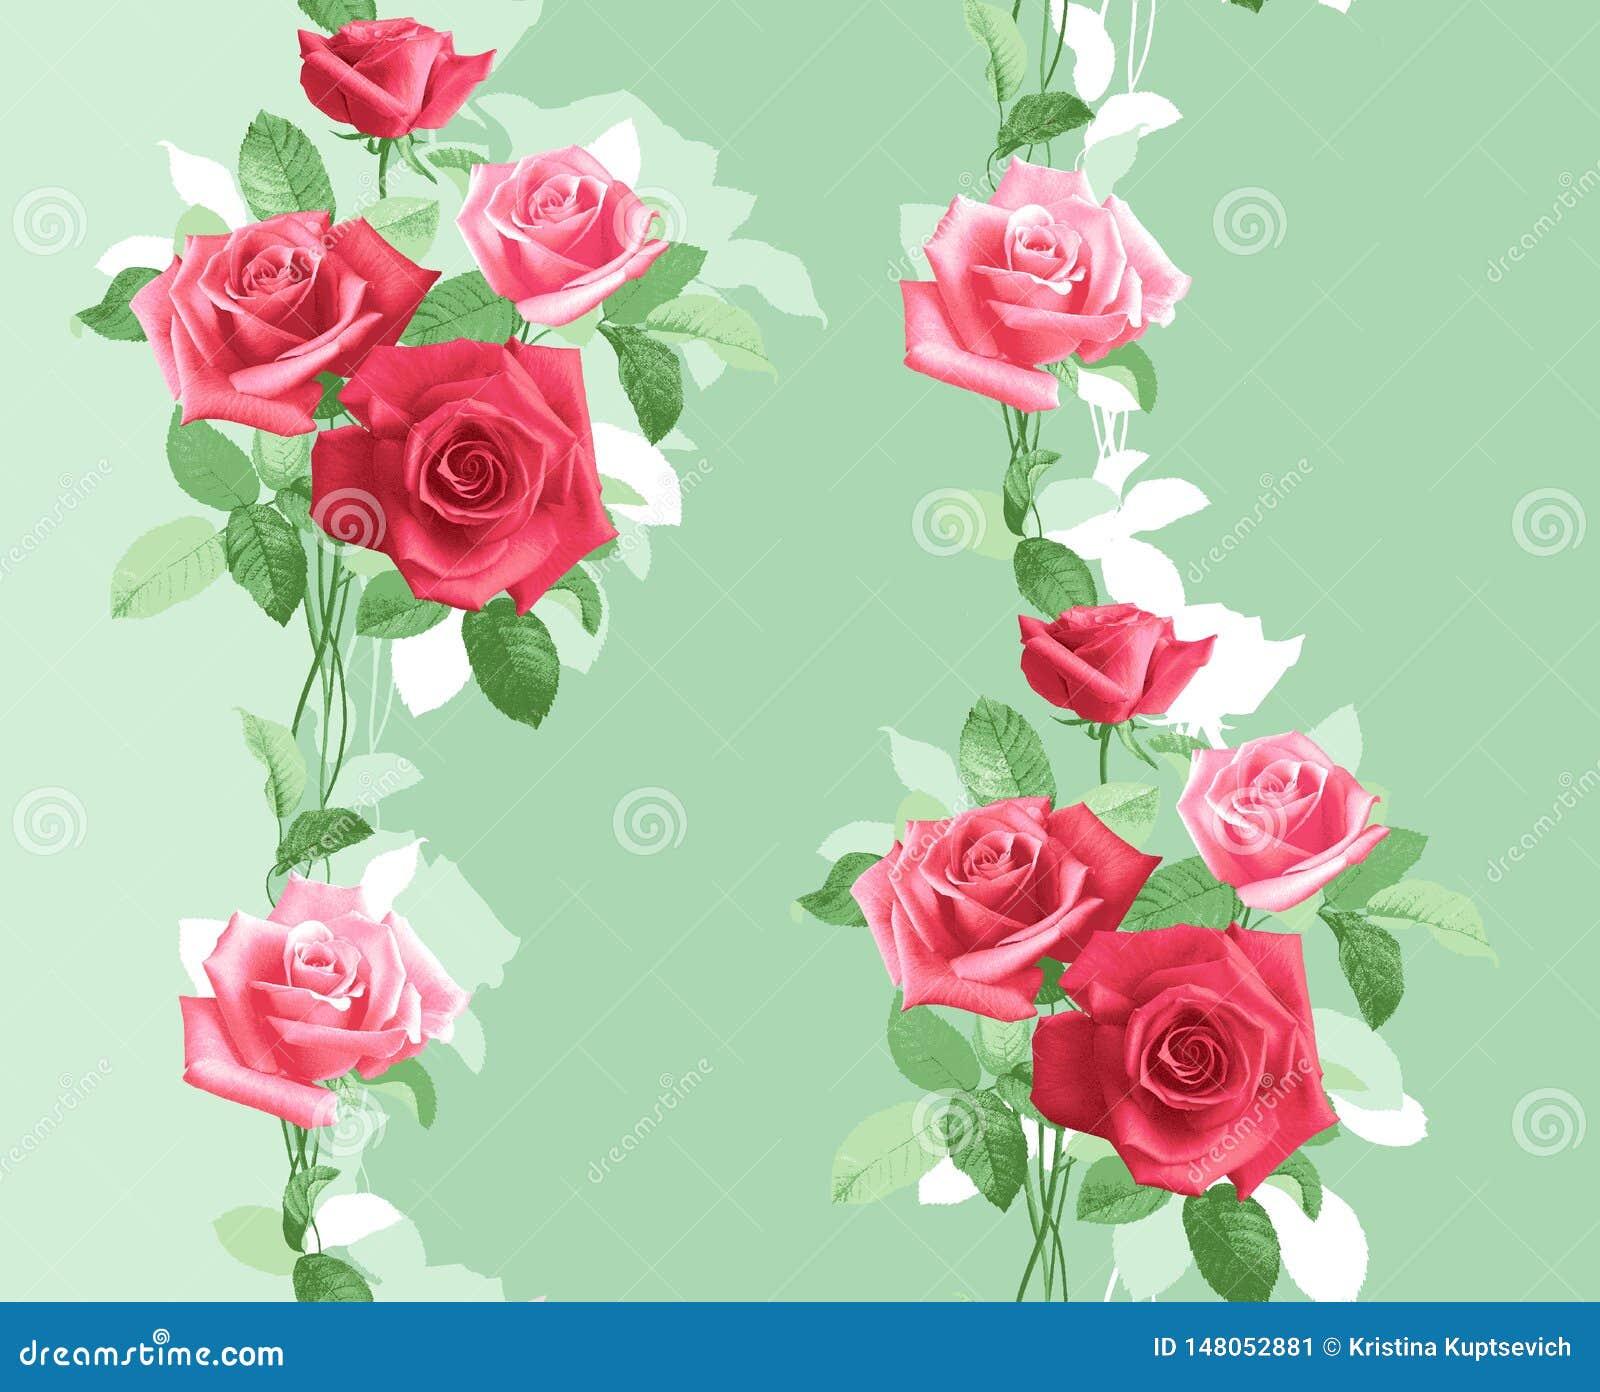 Teste padrão verticalmente repetido de rosas cor-de-rosa delicadas